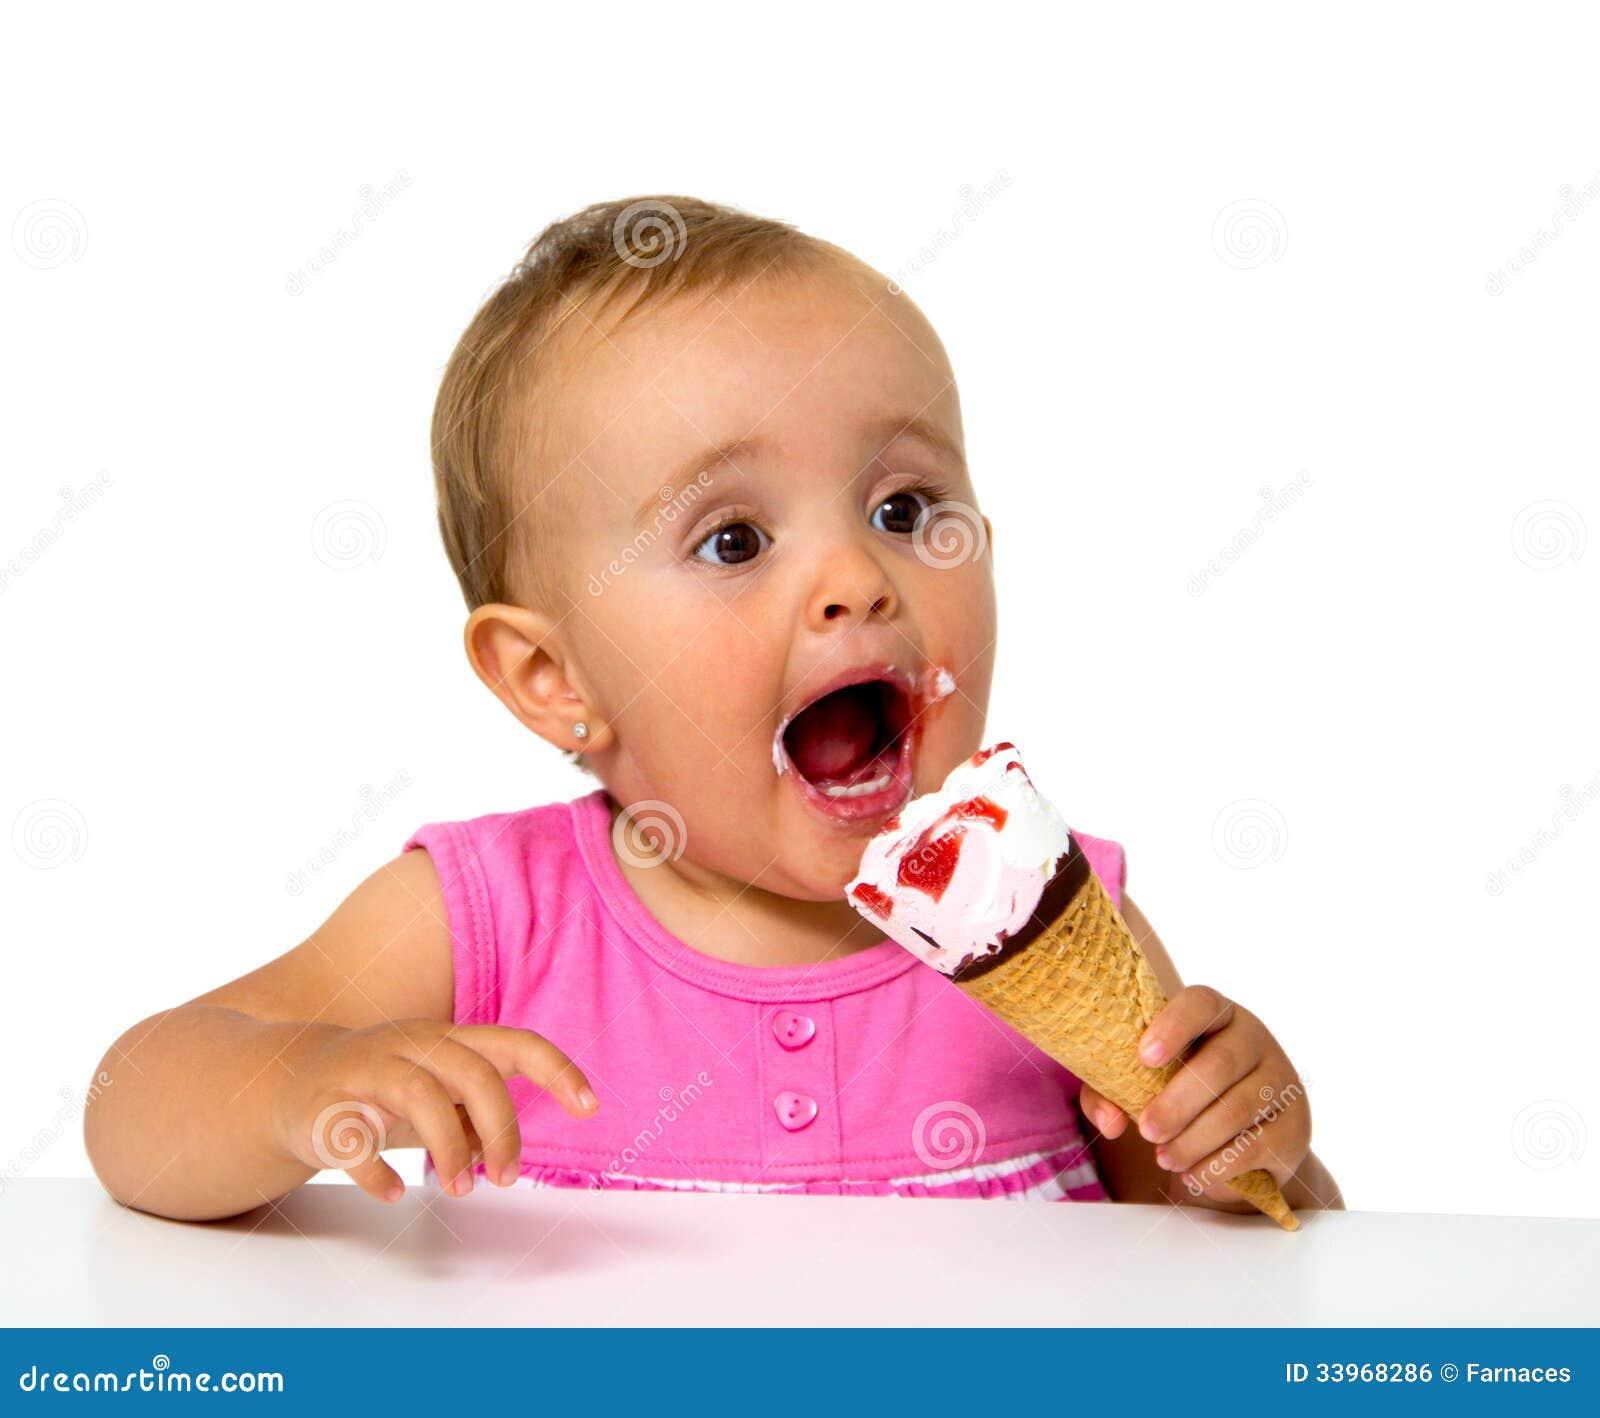 Baby icecream